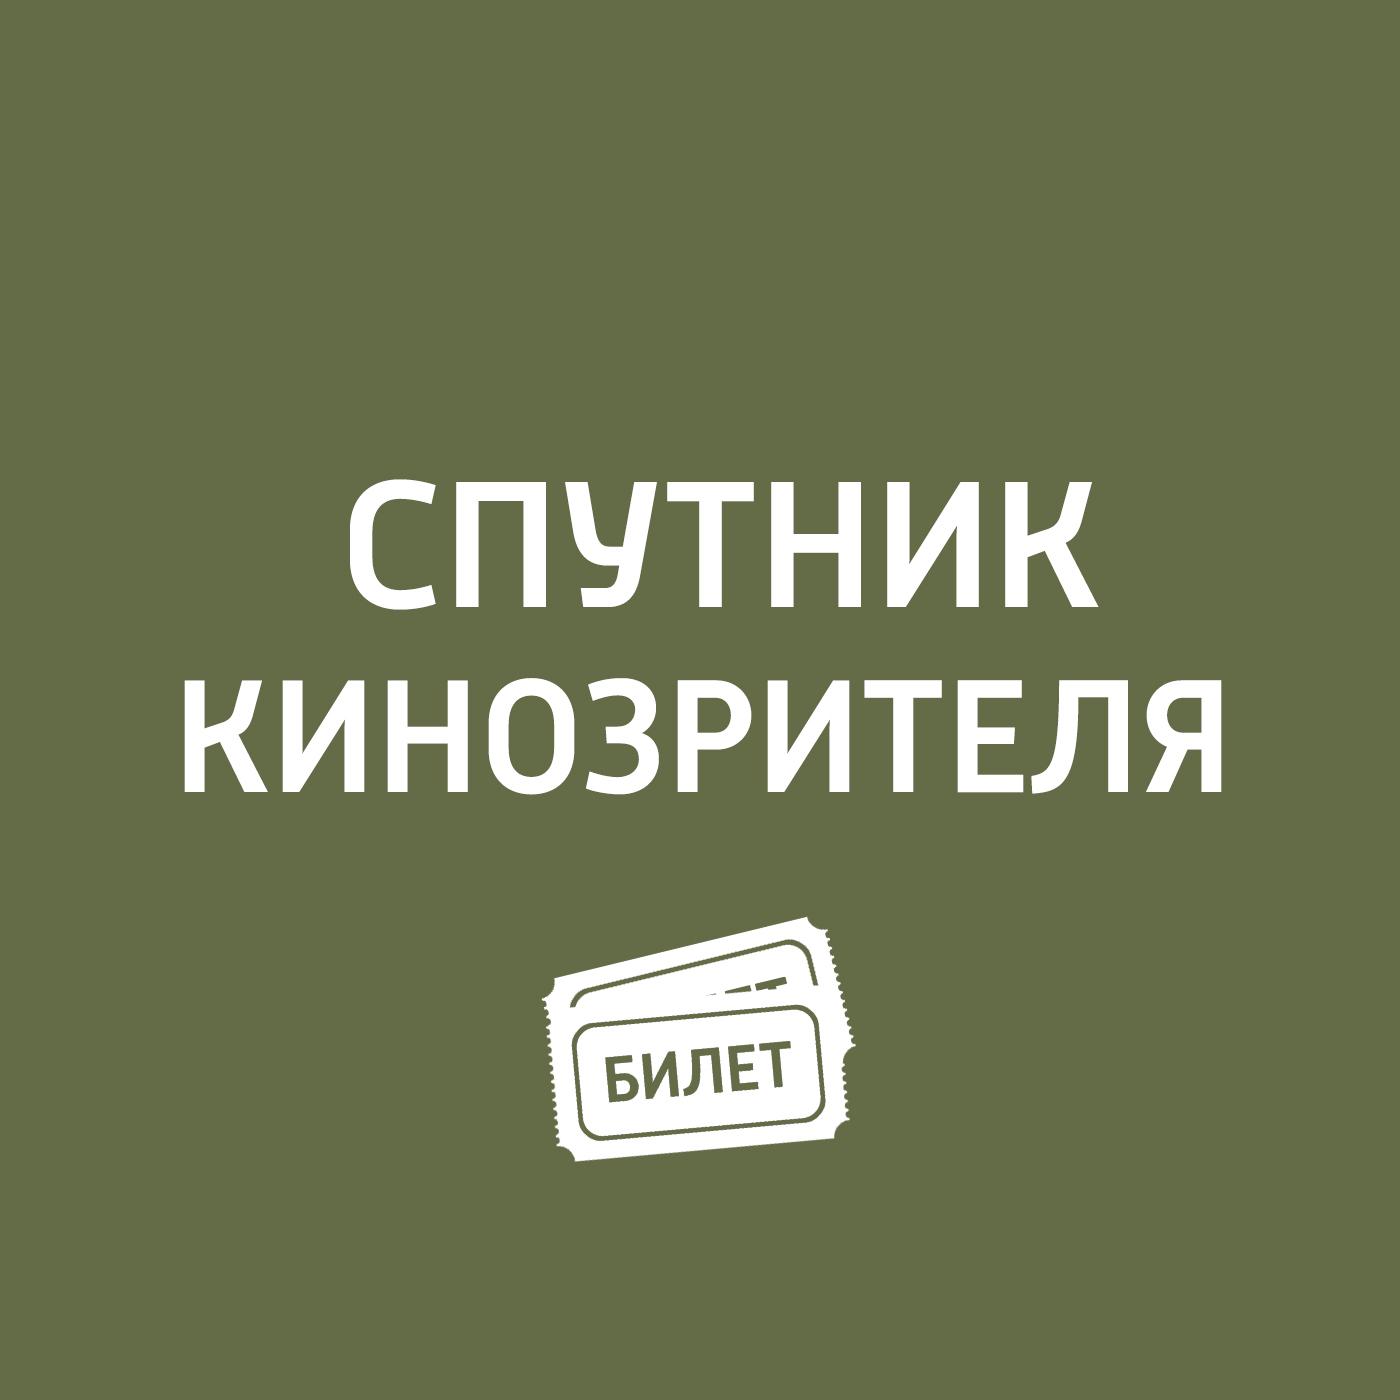 Антон Долин Премьеры. «Черная месса, «Скауты против зомби черная месса